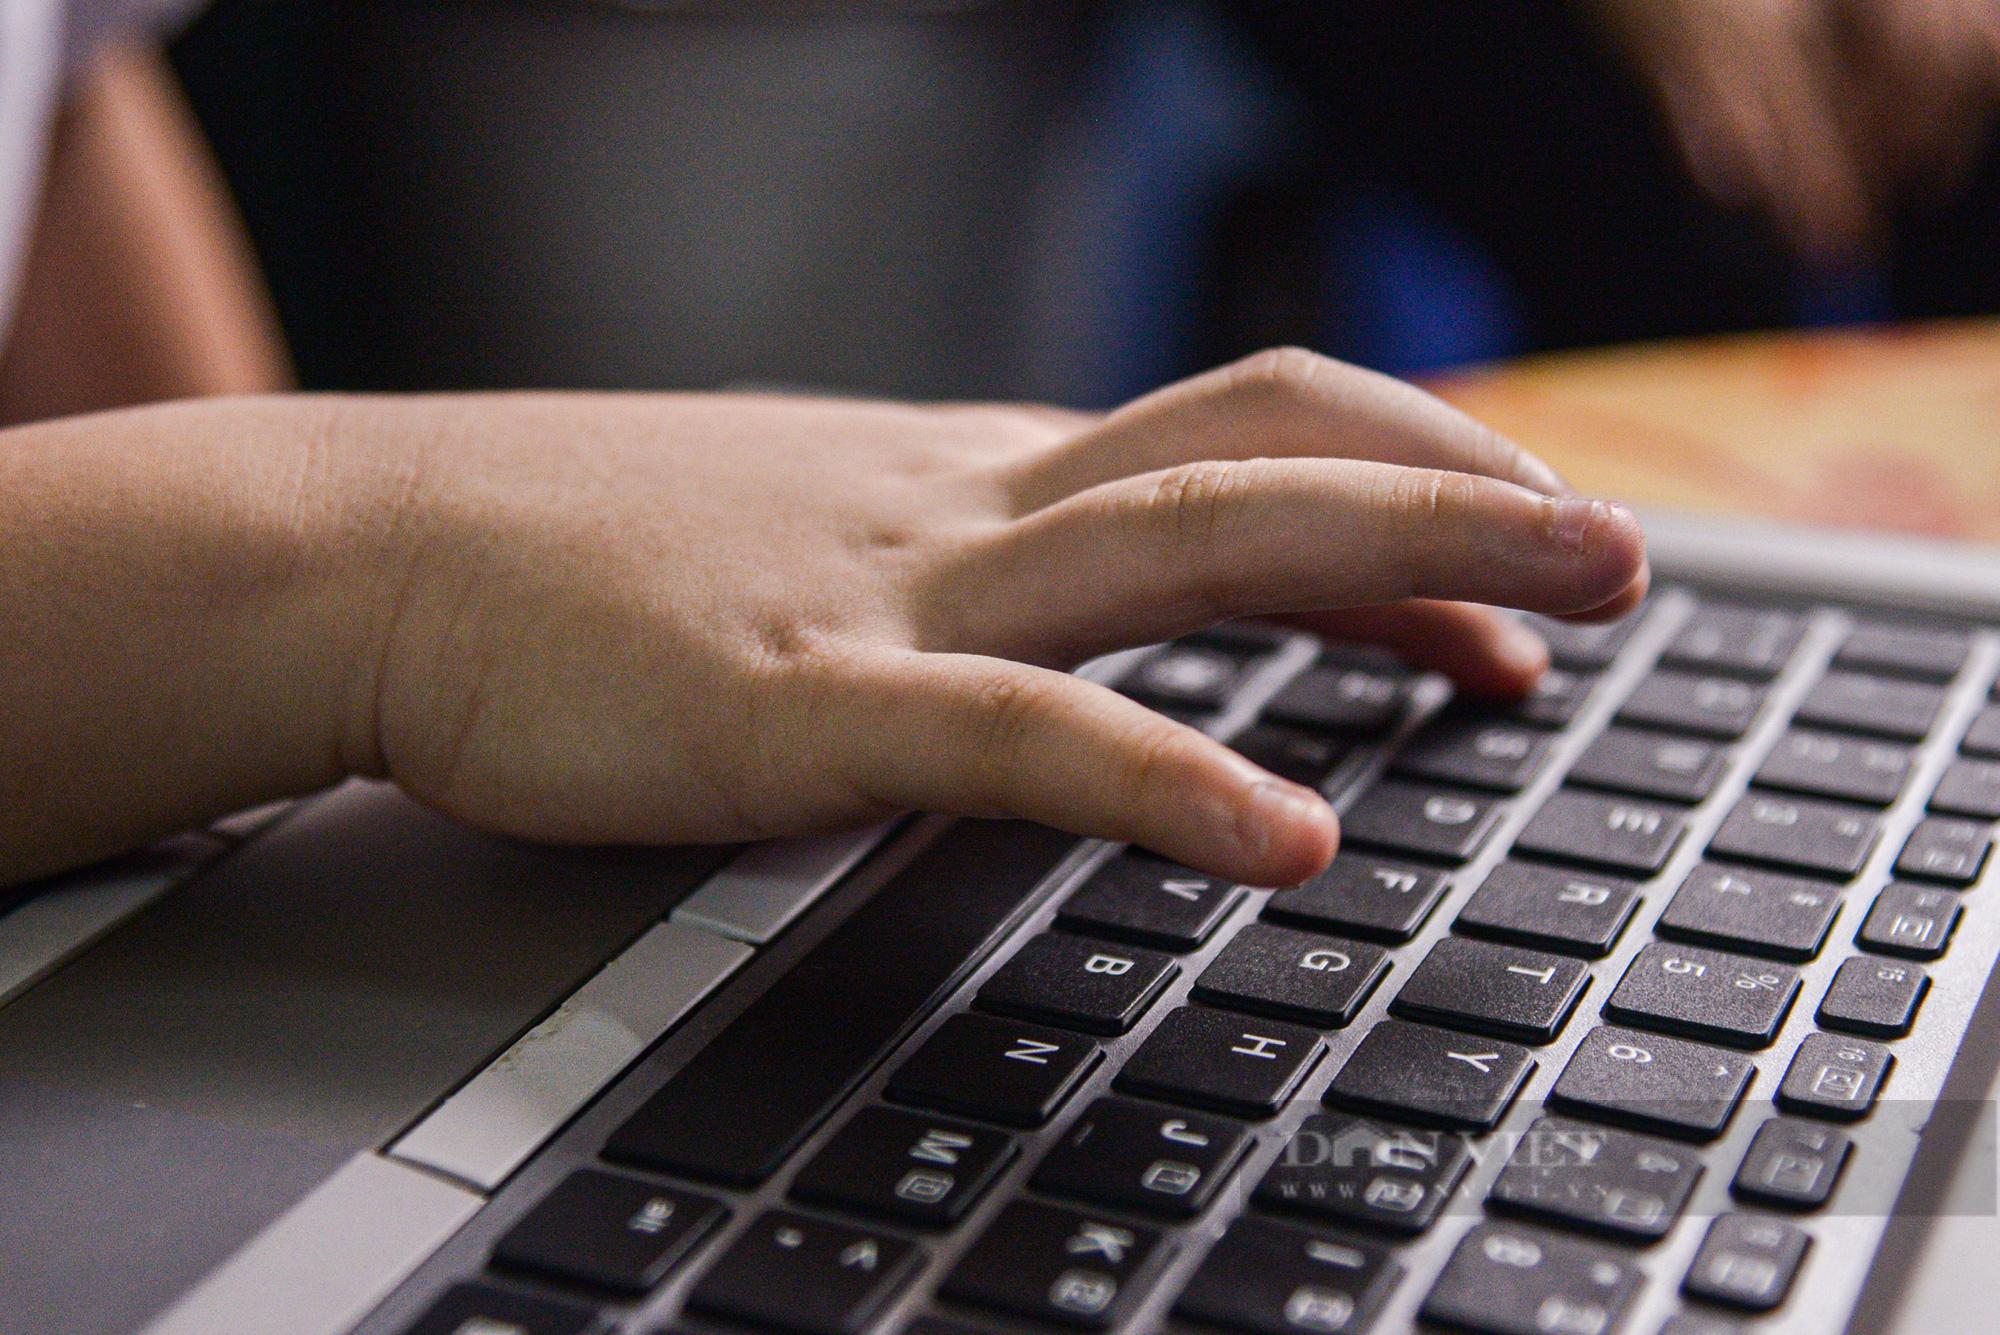 Hà Nội: Tặng máy tính cho trẻ em nghèo học online - Ảnh 7.